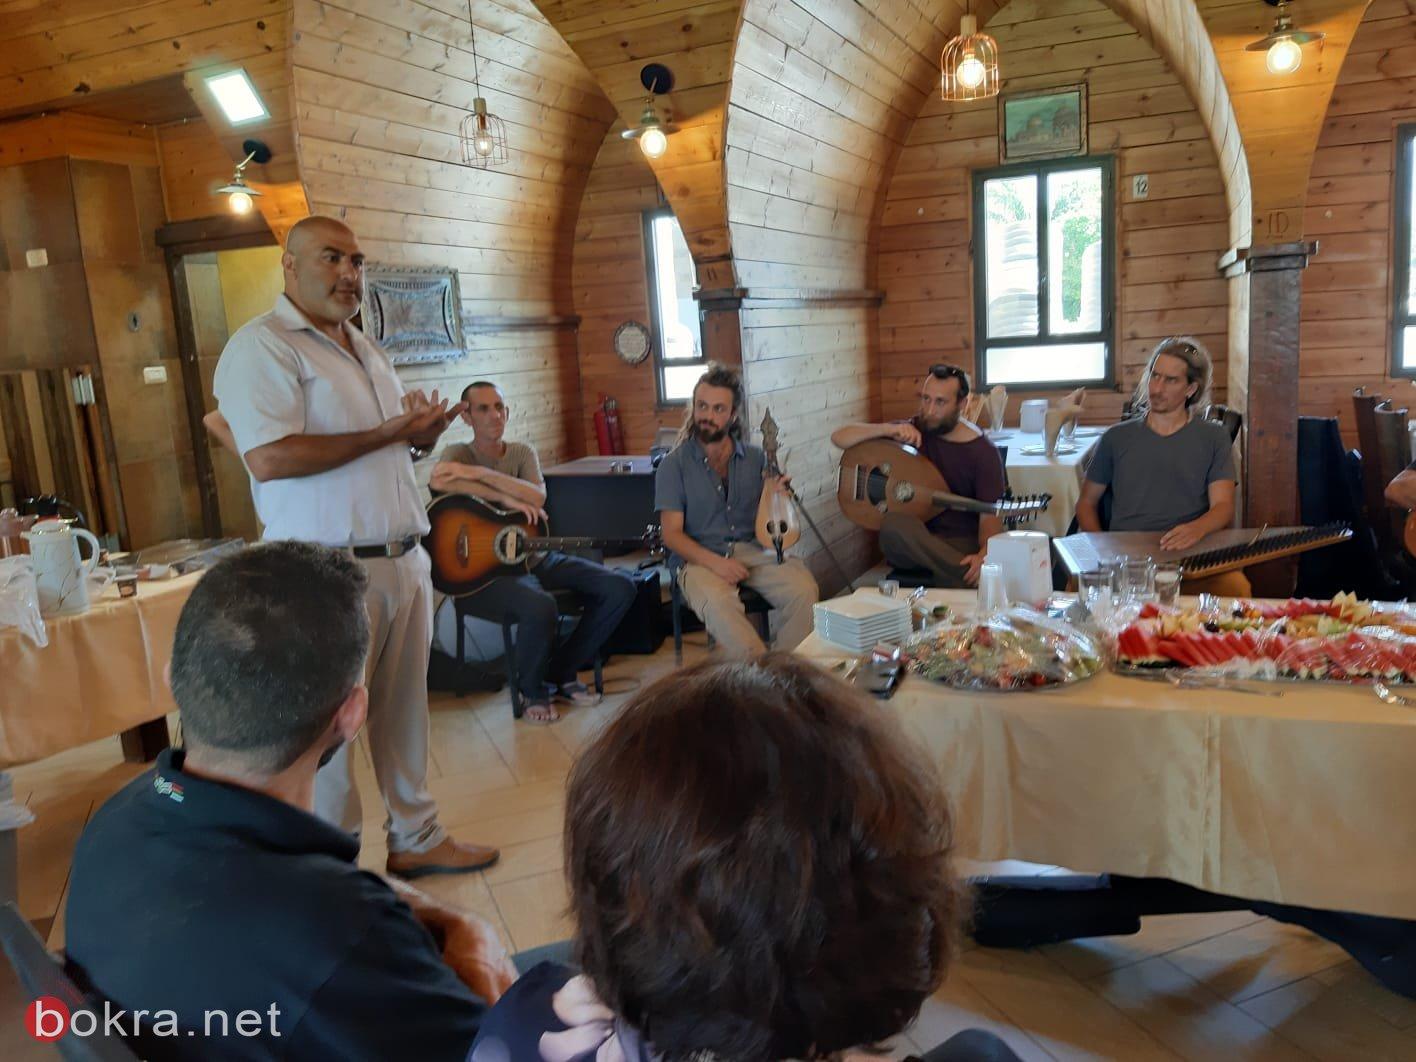 الطبيعة والموسيقى كملتقى للحوار-4